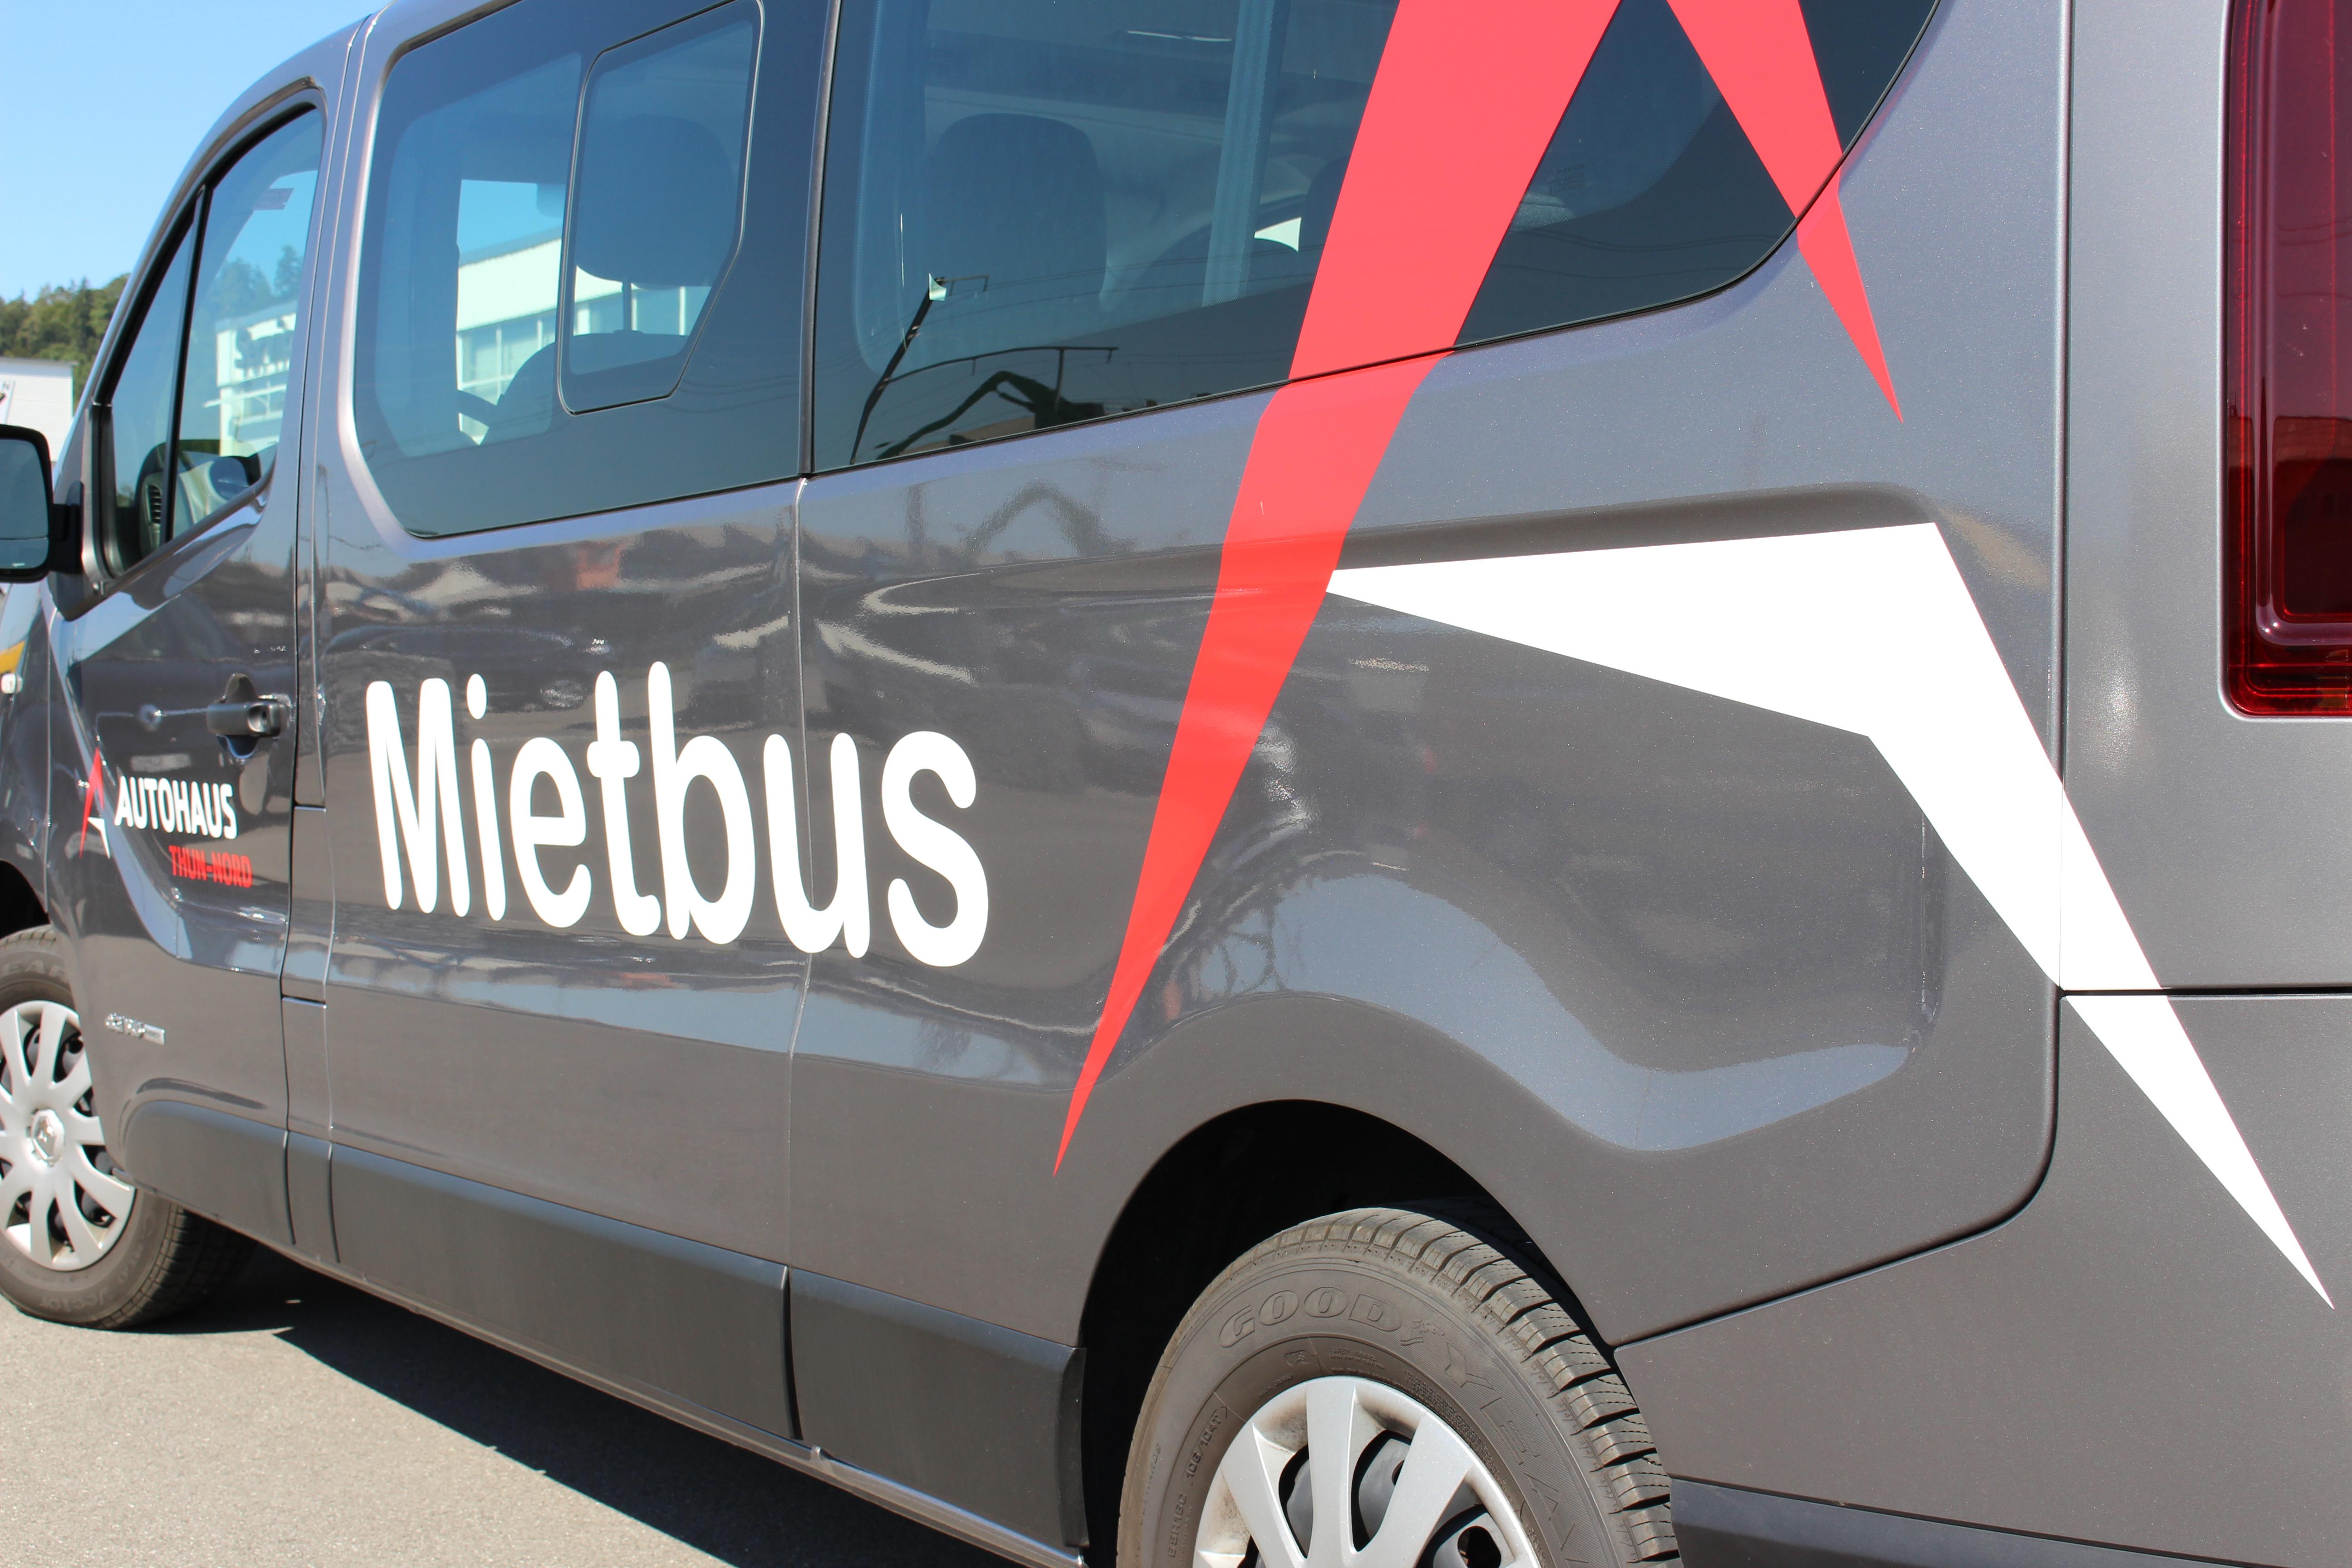 Mietbus - Autohaus Thun Nord